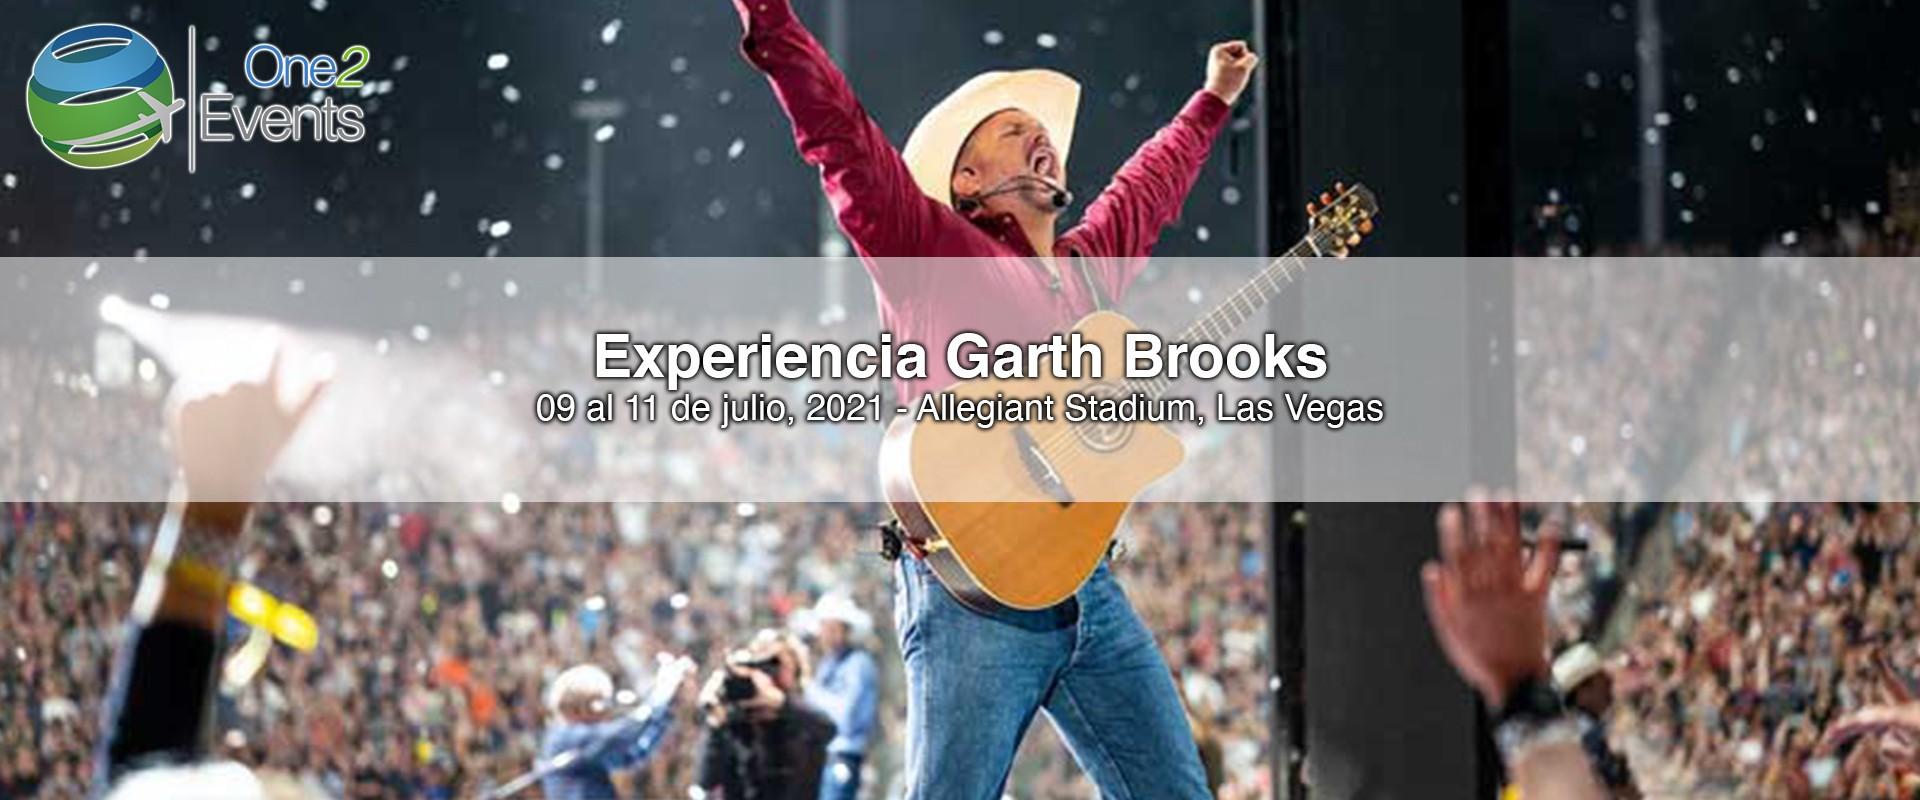 Concierto Garth Brooks en Allegiant Stadium, Las Vegas